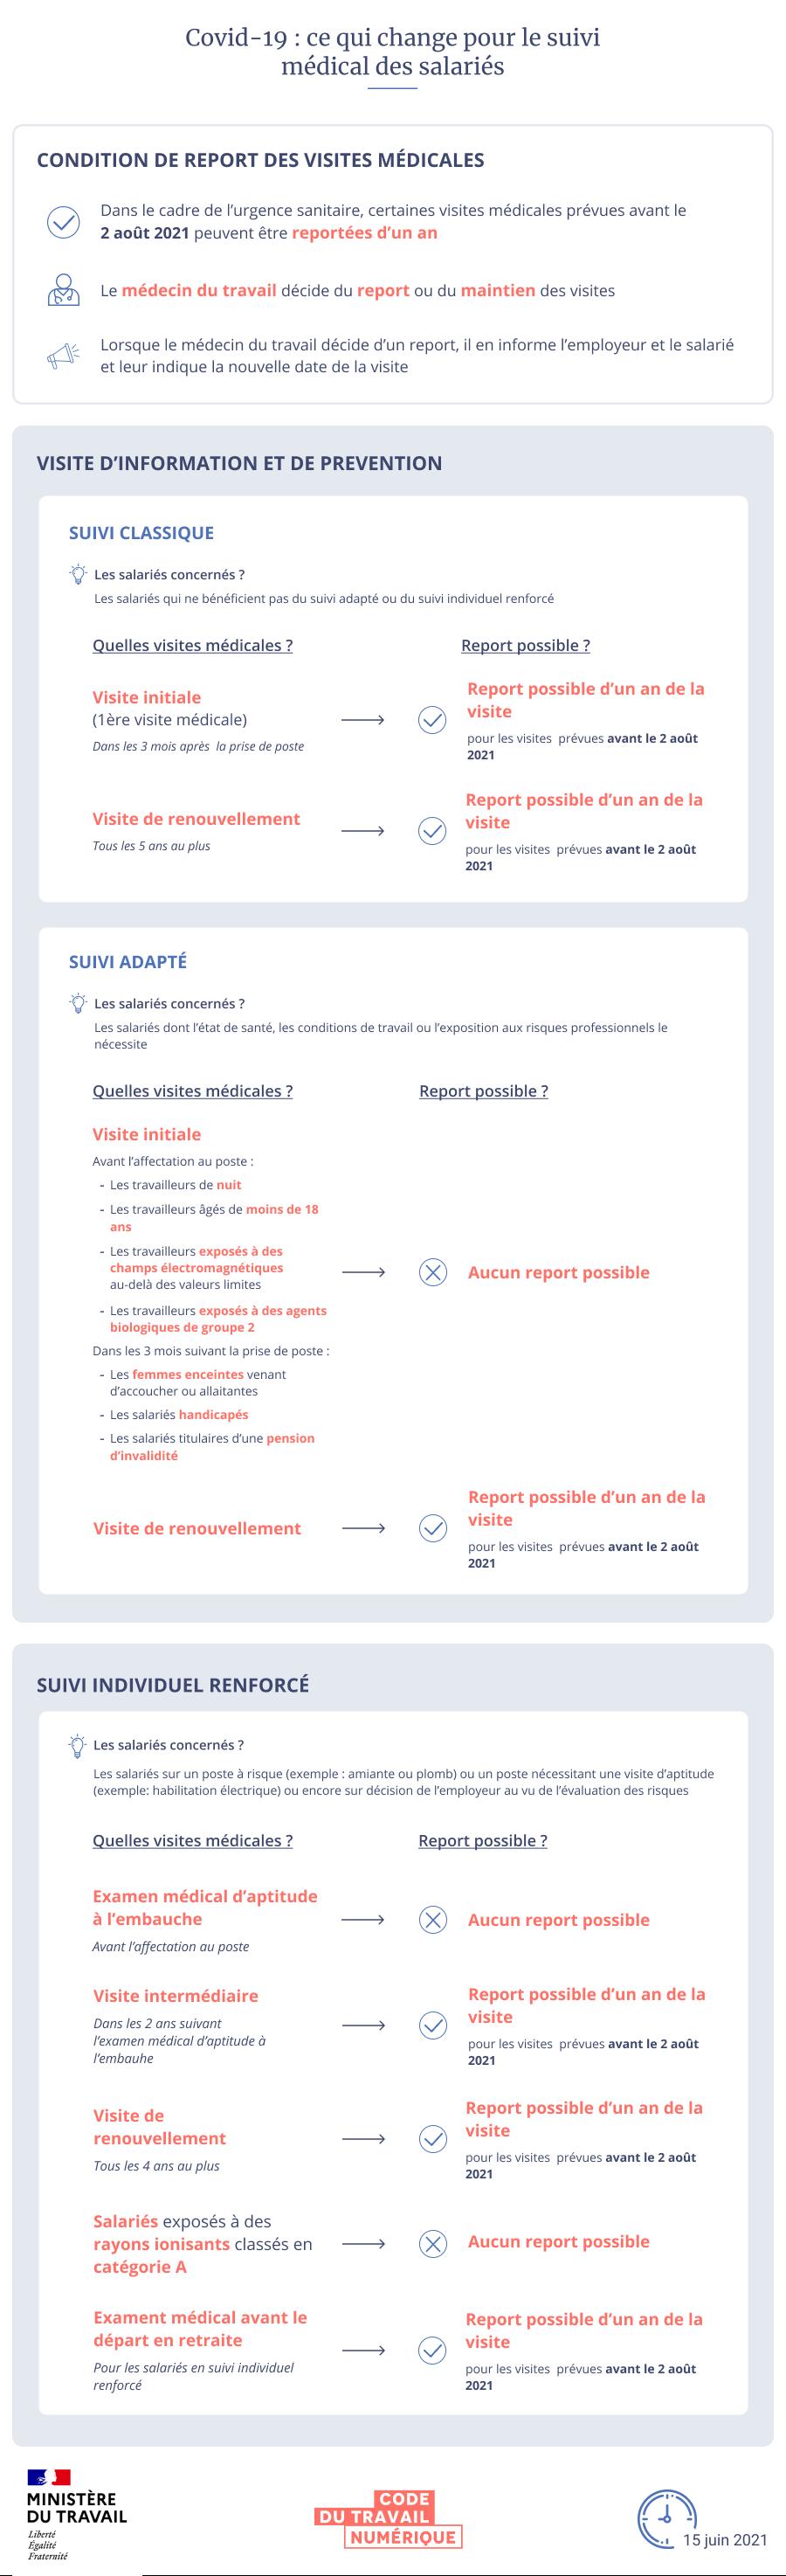 Infographie schématisant les changements concernant les visites dans le cadre du suivi médical. Une version textuelle est disponible en dessous.